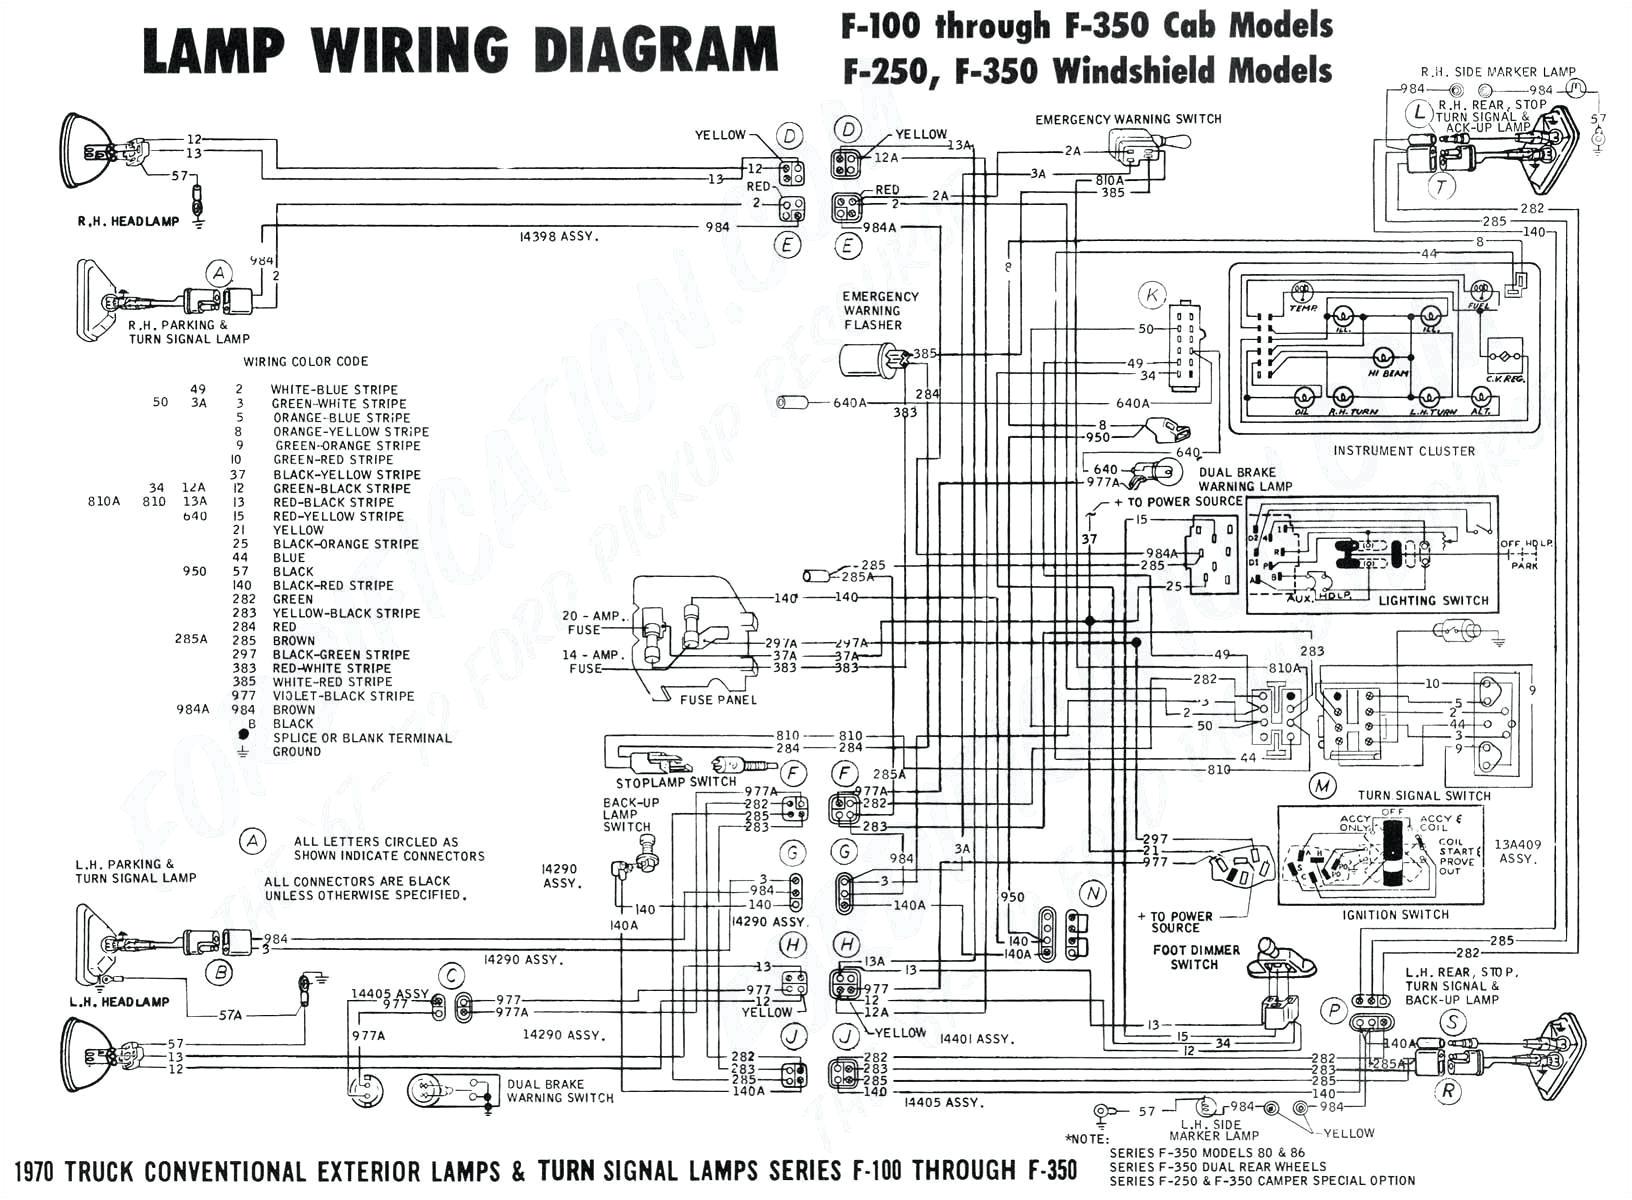 1934 dodge wiring diagrams wiring diagram 1934 dodge wiring diagrams